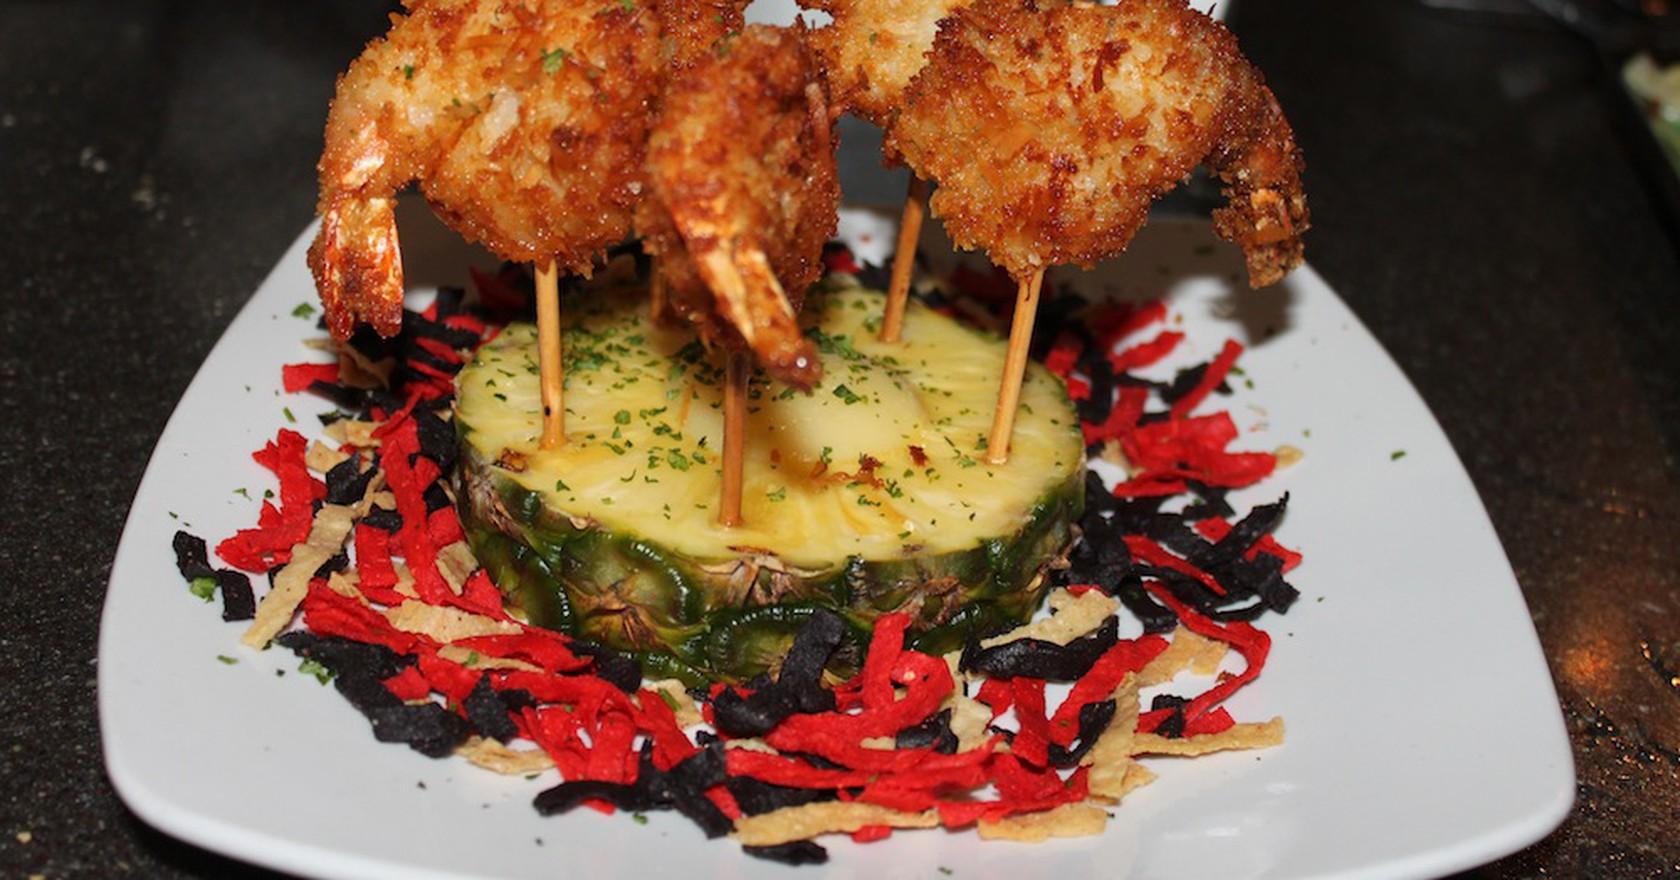 Coconut Fried Shrimp Julie Havelka